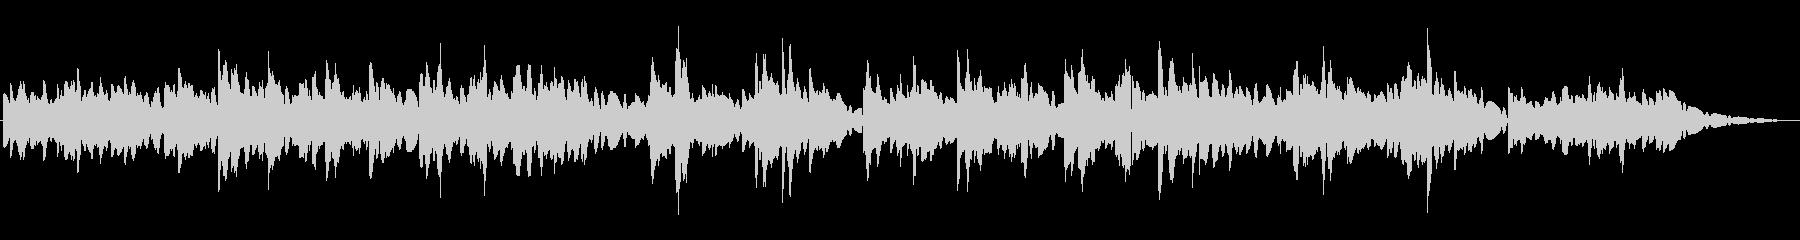 エレクトリックピアノの優しいBGMの未再生の波形